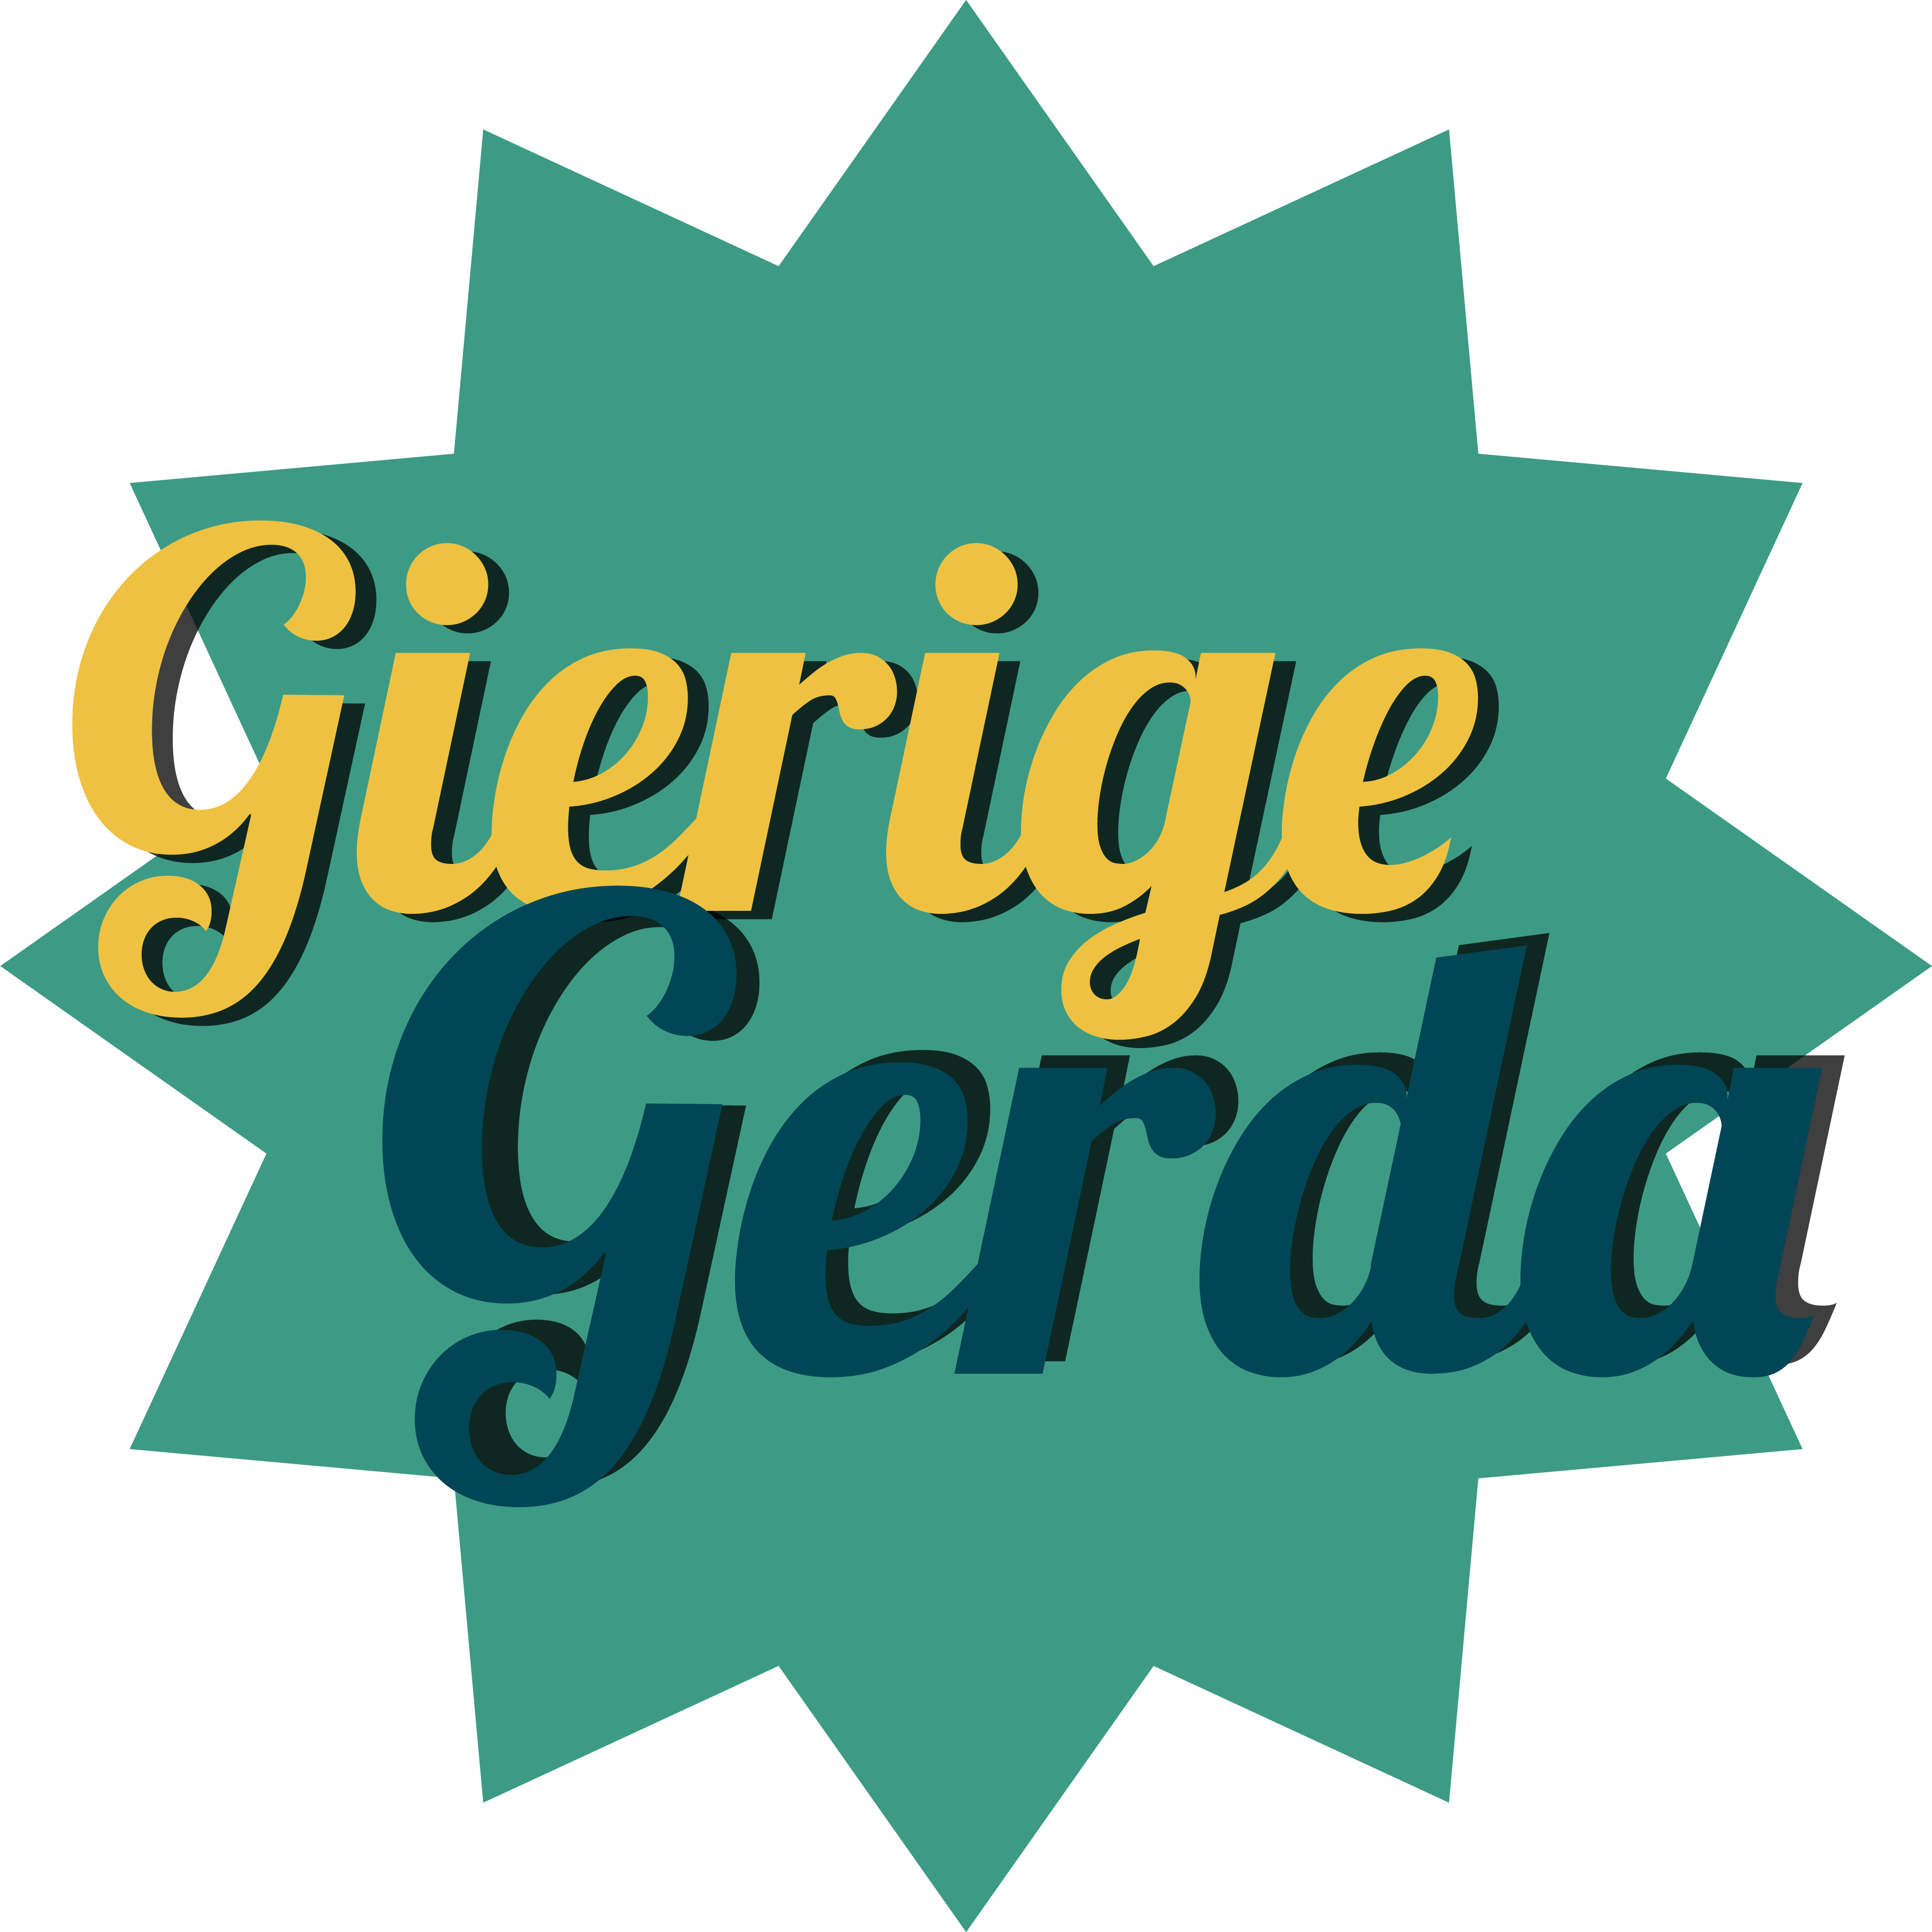 Gierige Gerda